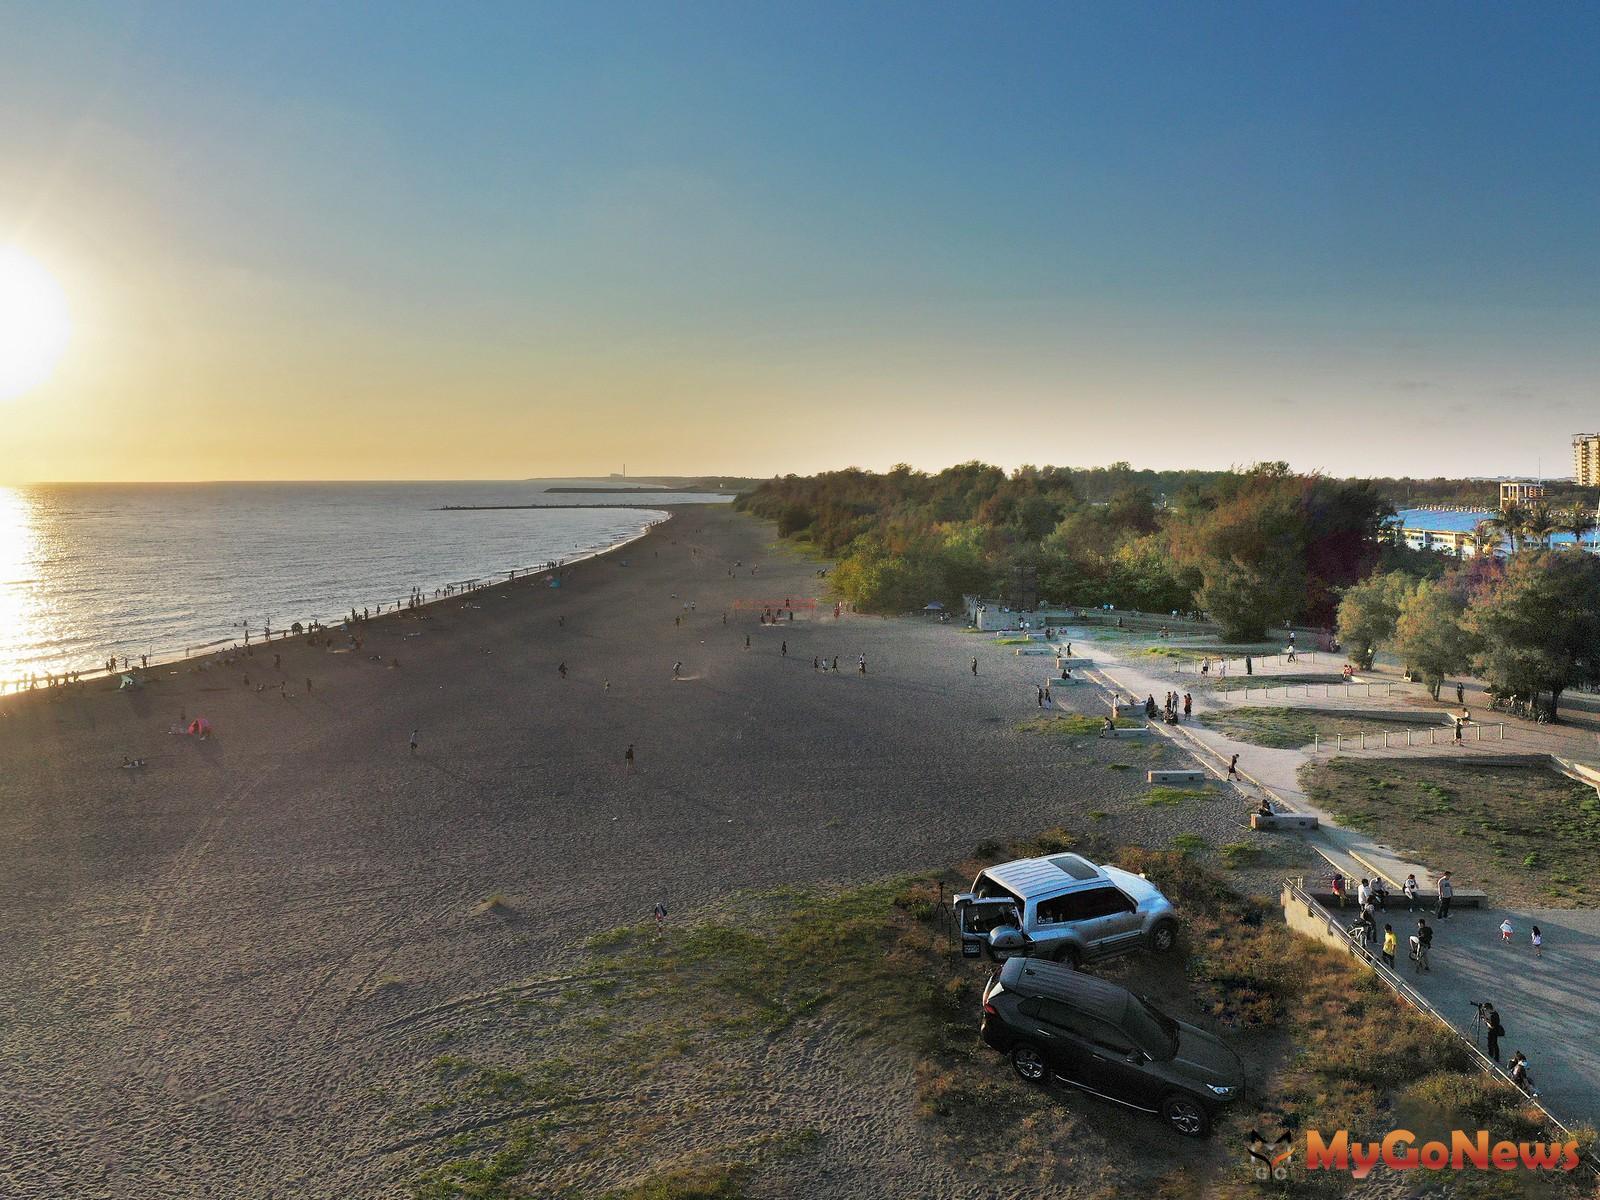 灣區絕美景觀宅「愛琴海」,開窗即享海灣夕景與公園綠意。圖/ 興富發提供 MyGoNews房地產新聞 熱銷推案